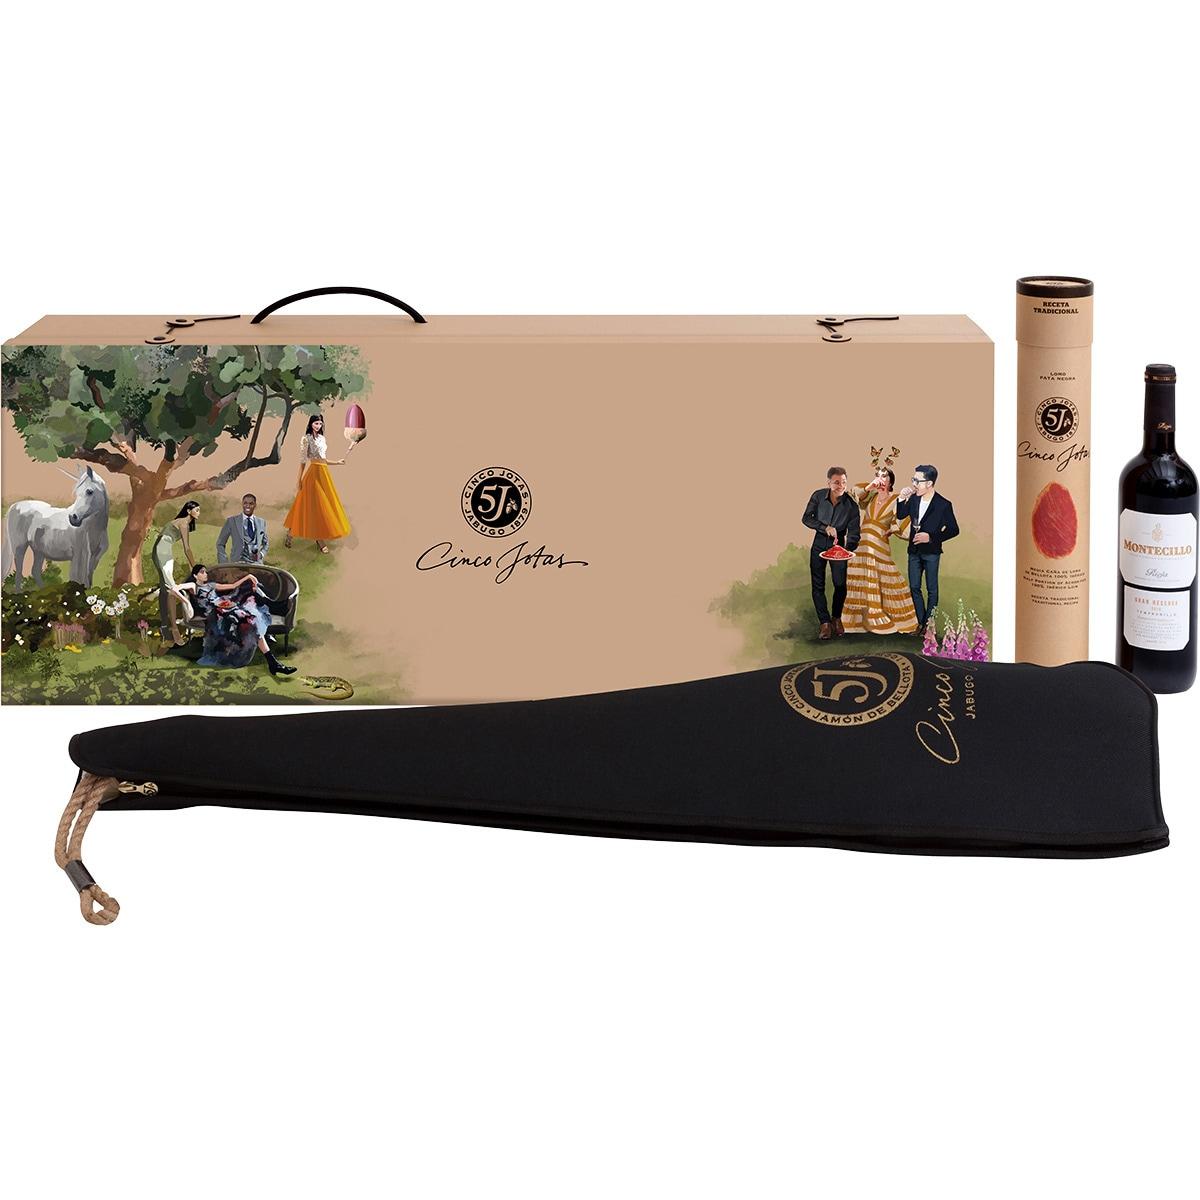 Cinco Jotas Estuche con jamón de bellota 100% ibérico pieza 6 kg +1/2 lomo de bellota 100% ibérico+vino tinto Montecillo Gran Reserva DOCa Rioja